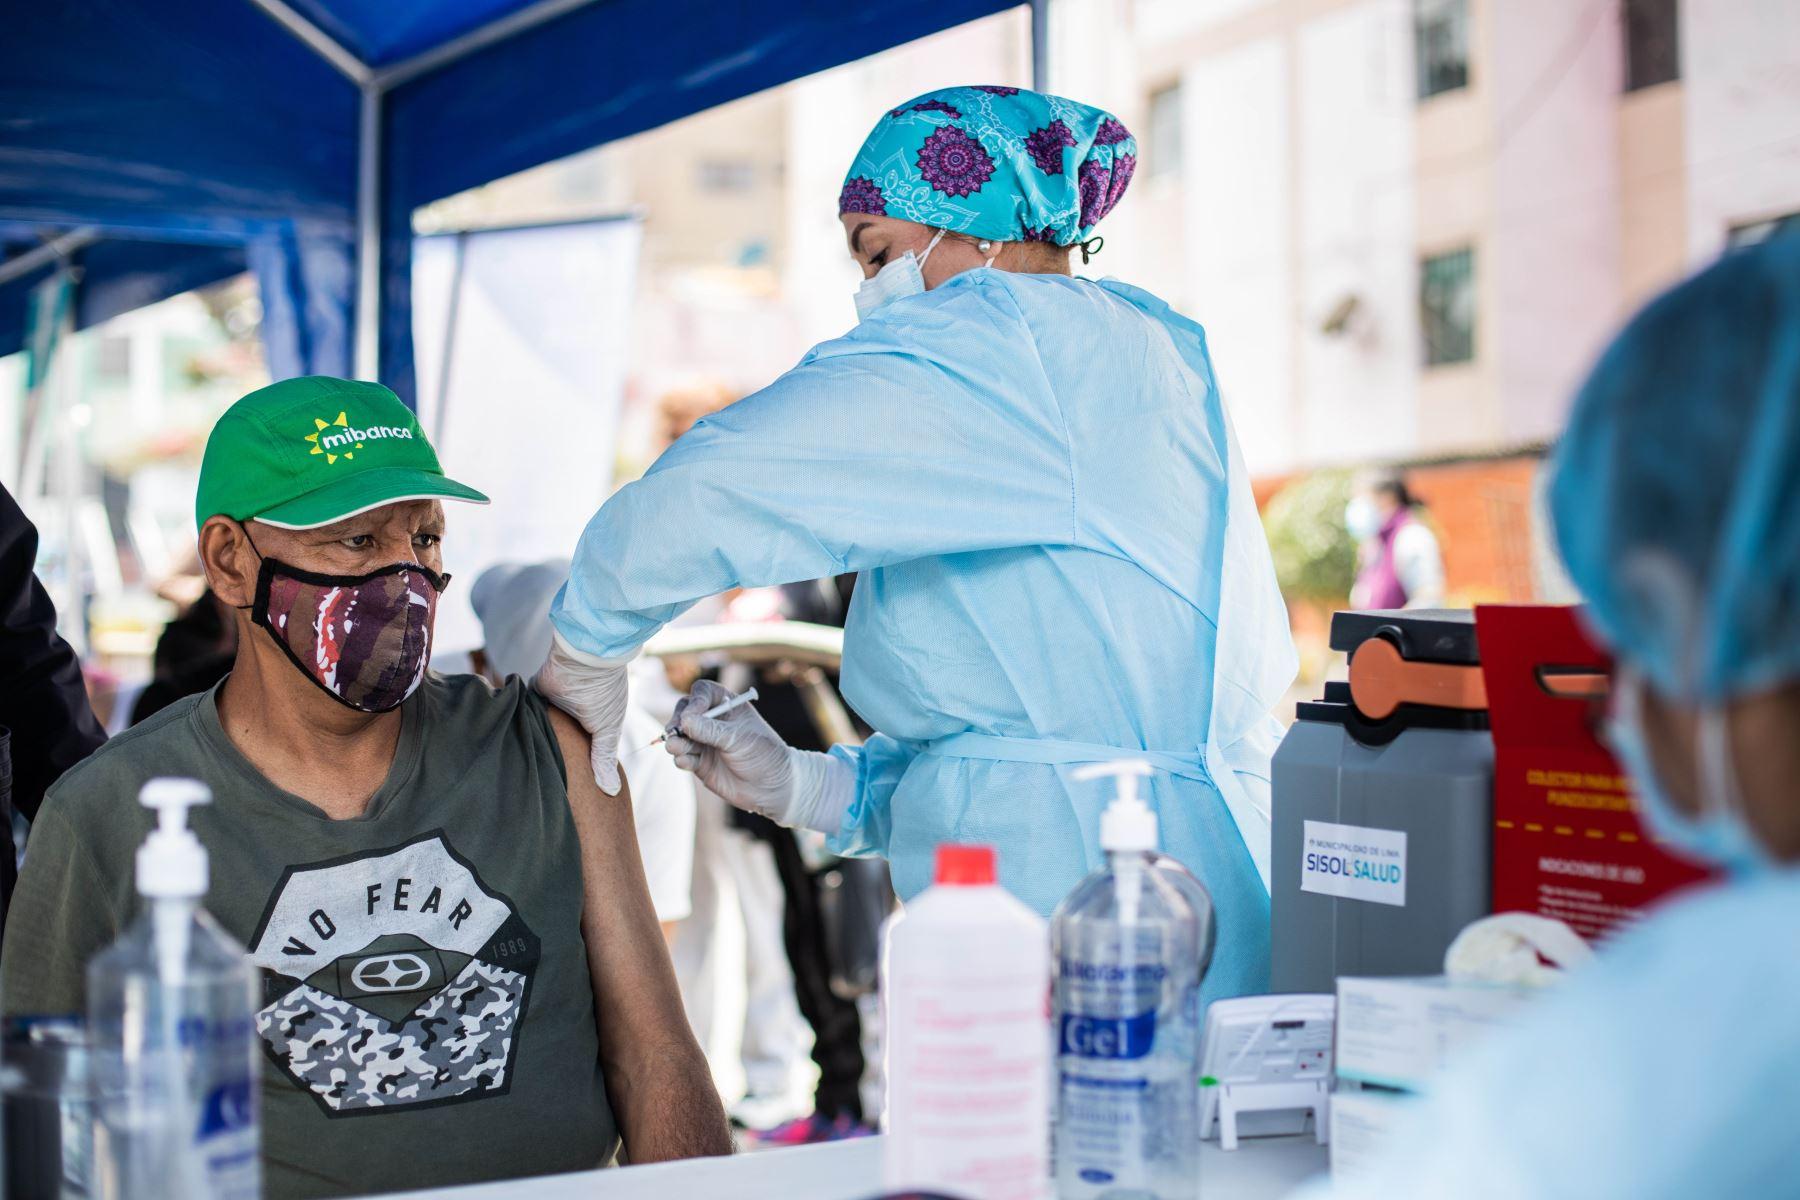 Covid-19: vacunatorios atenderán el feriado del viernes 8 de octubre